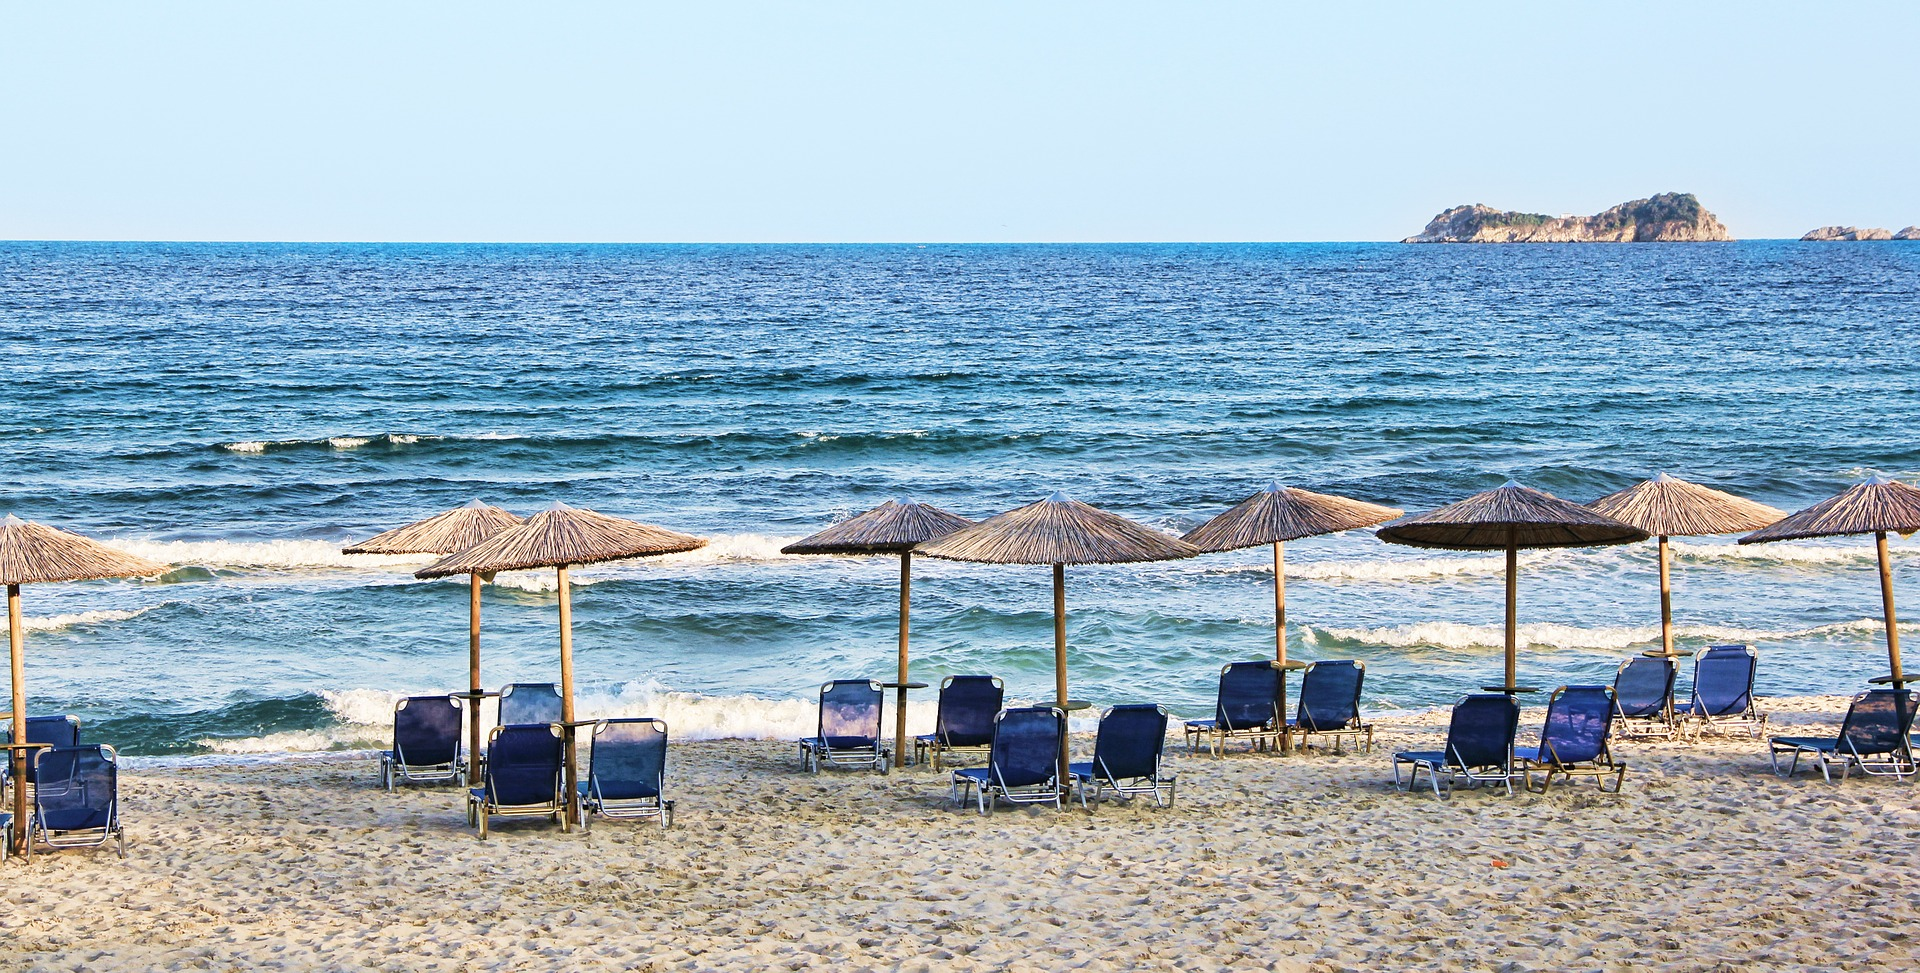 Viaggi di piacere nelle isole greche